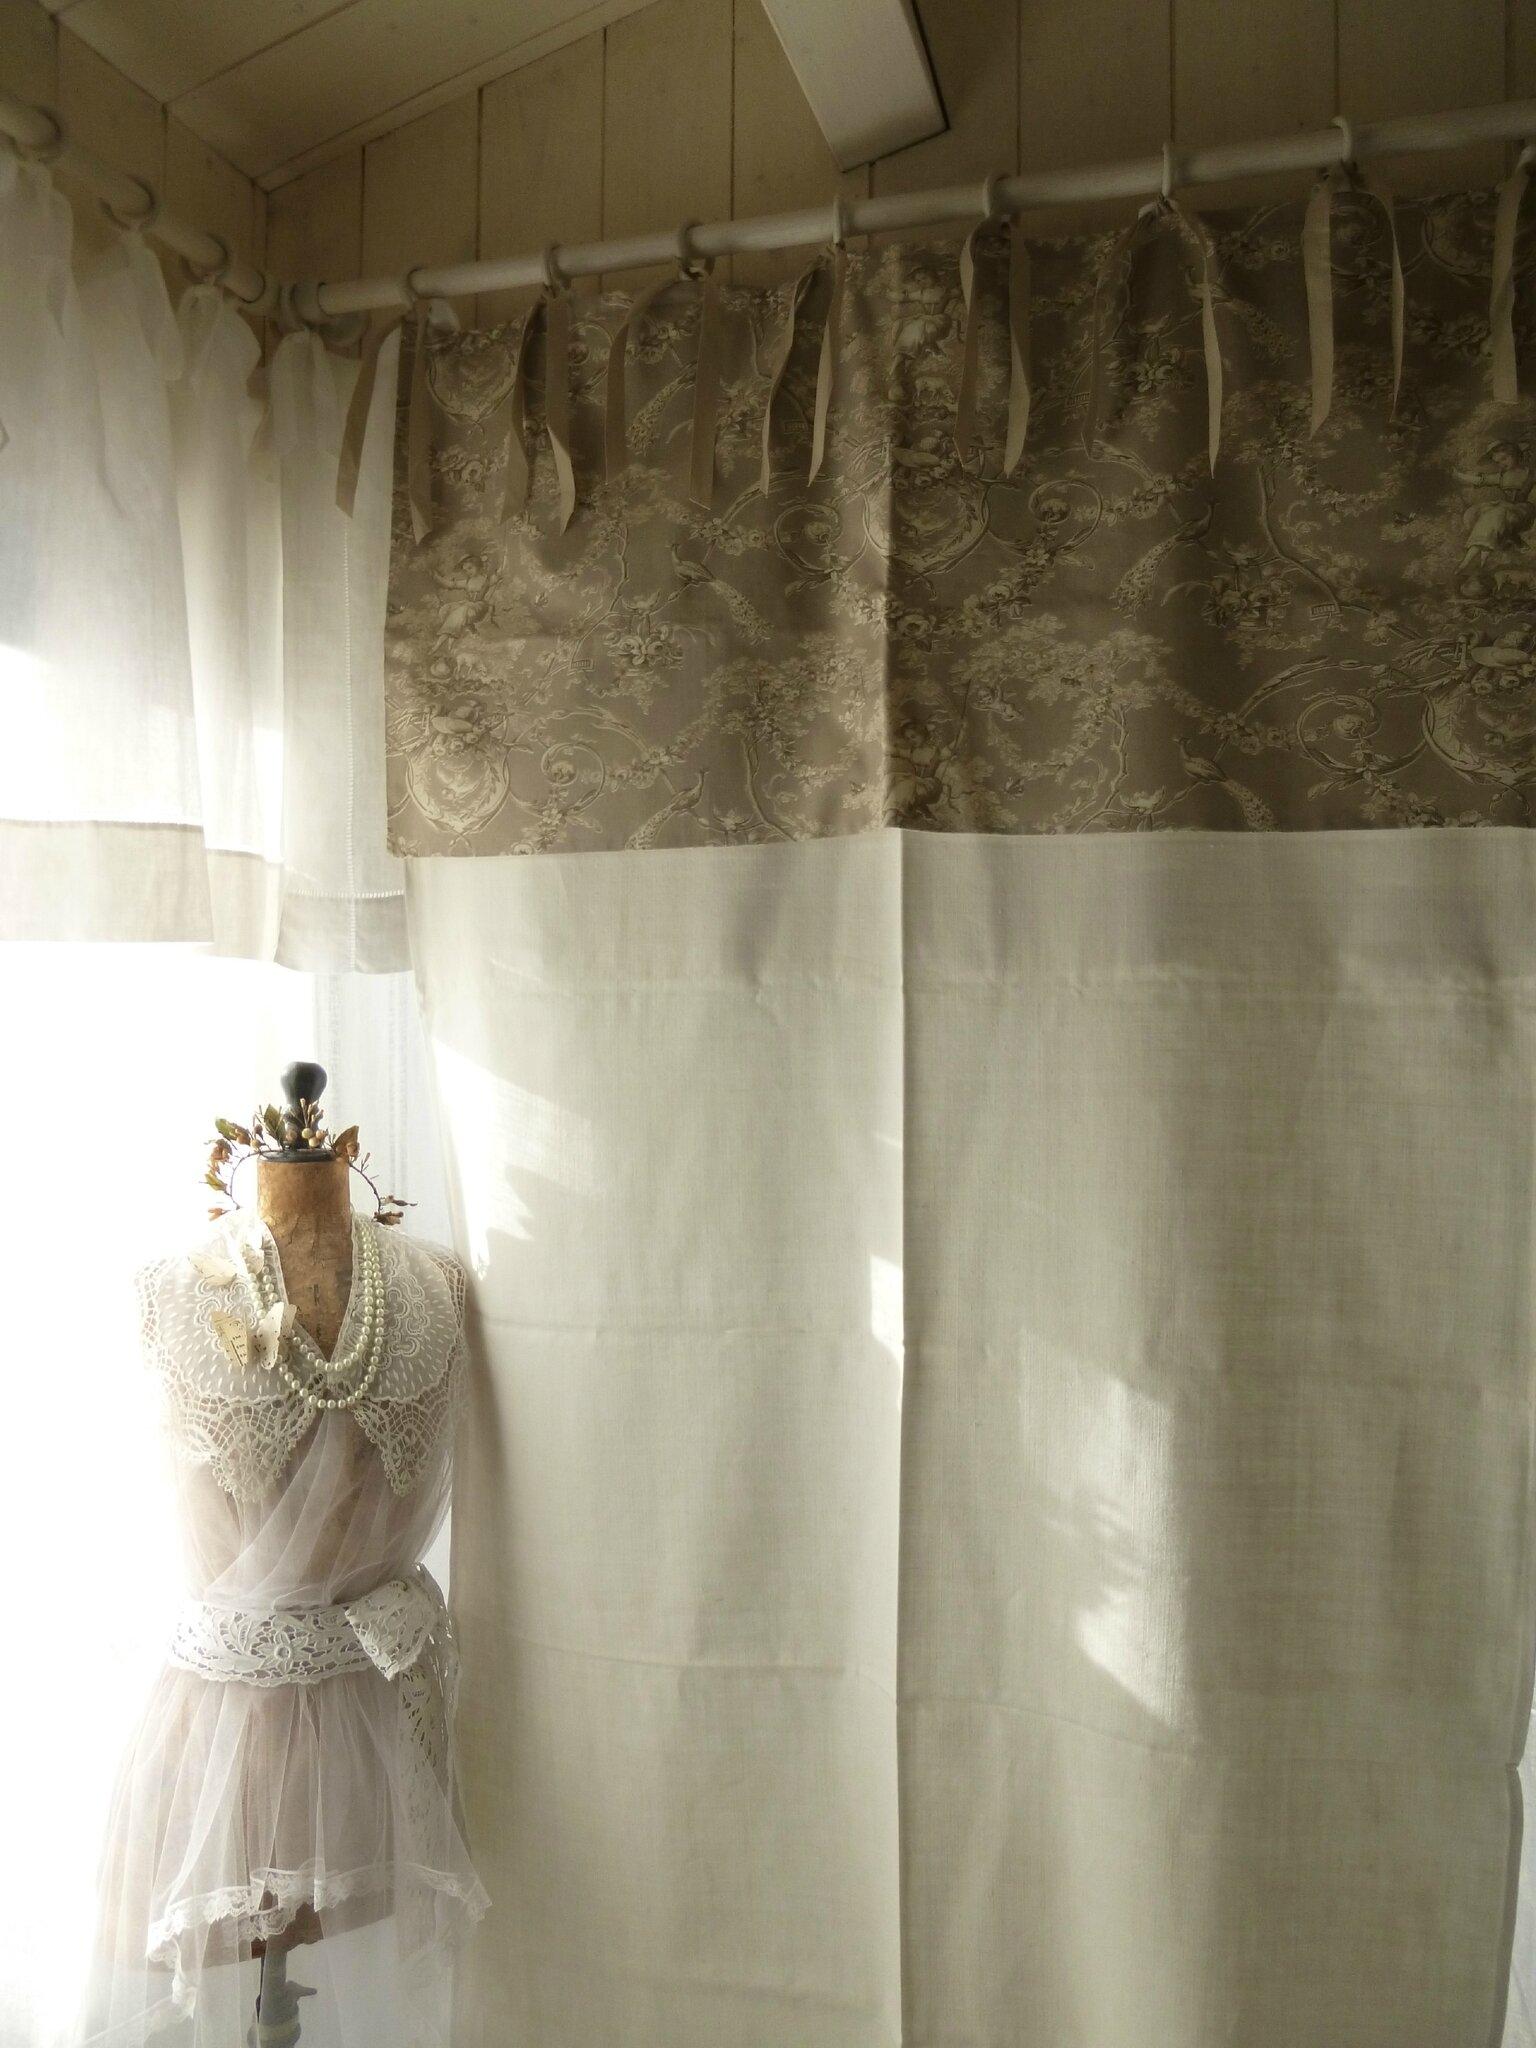 Faire des rideaux avec draps anciens 5 double rideaux - Faire des rideaux avec draps anciens ...